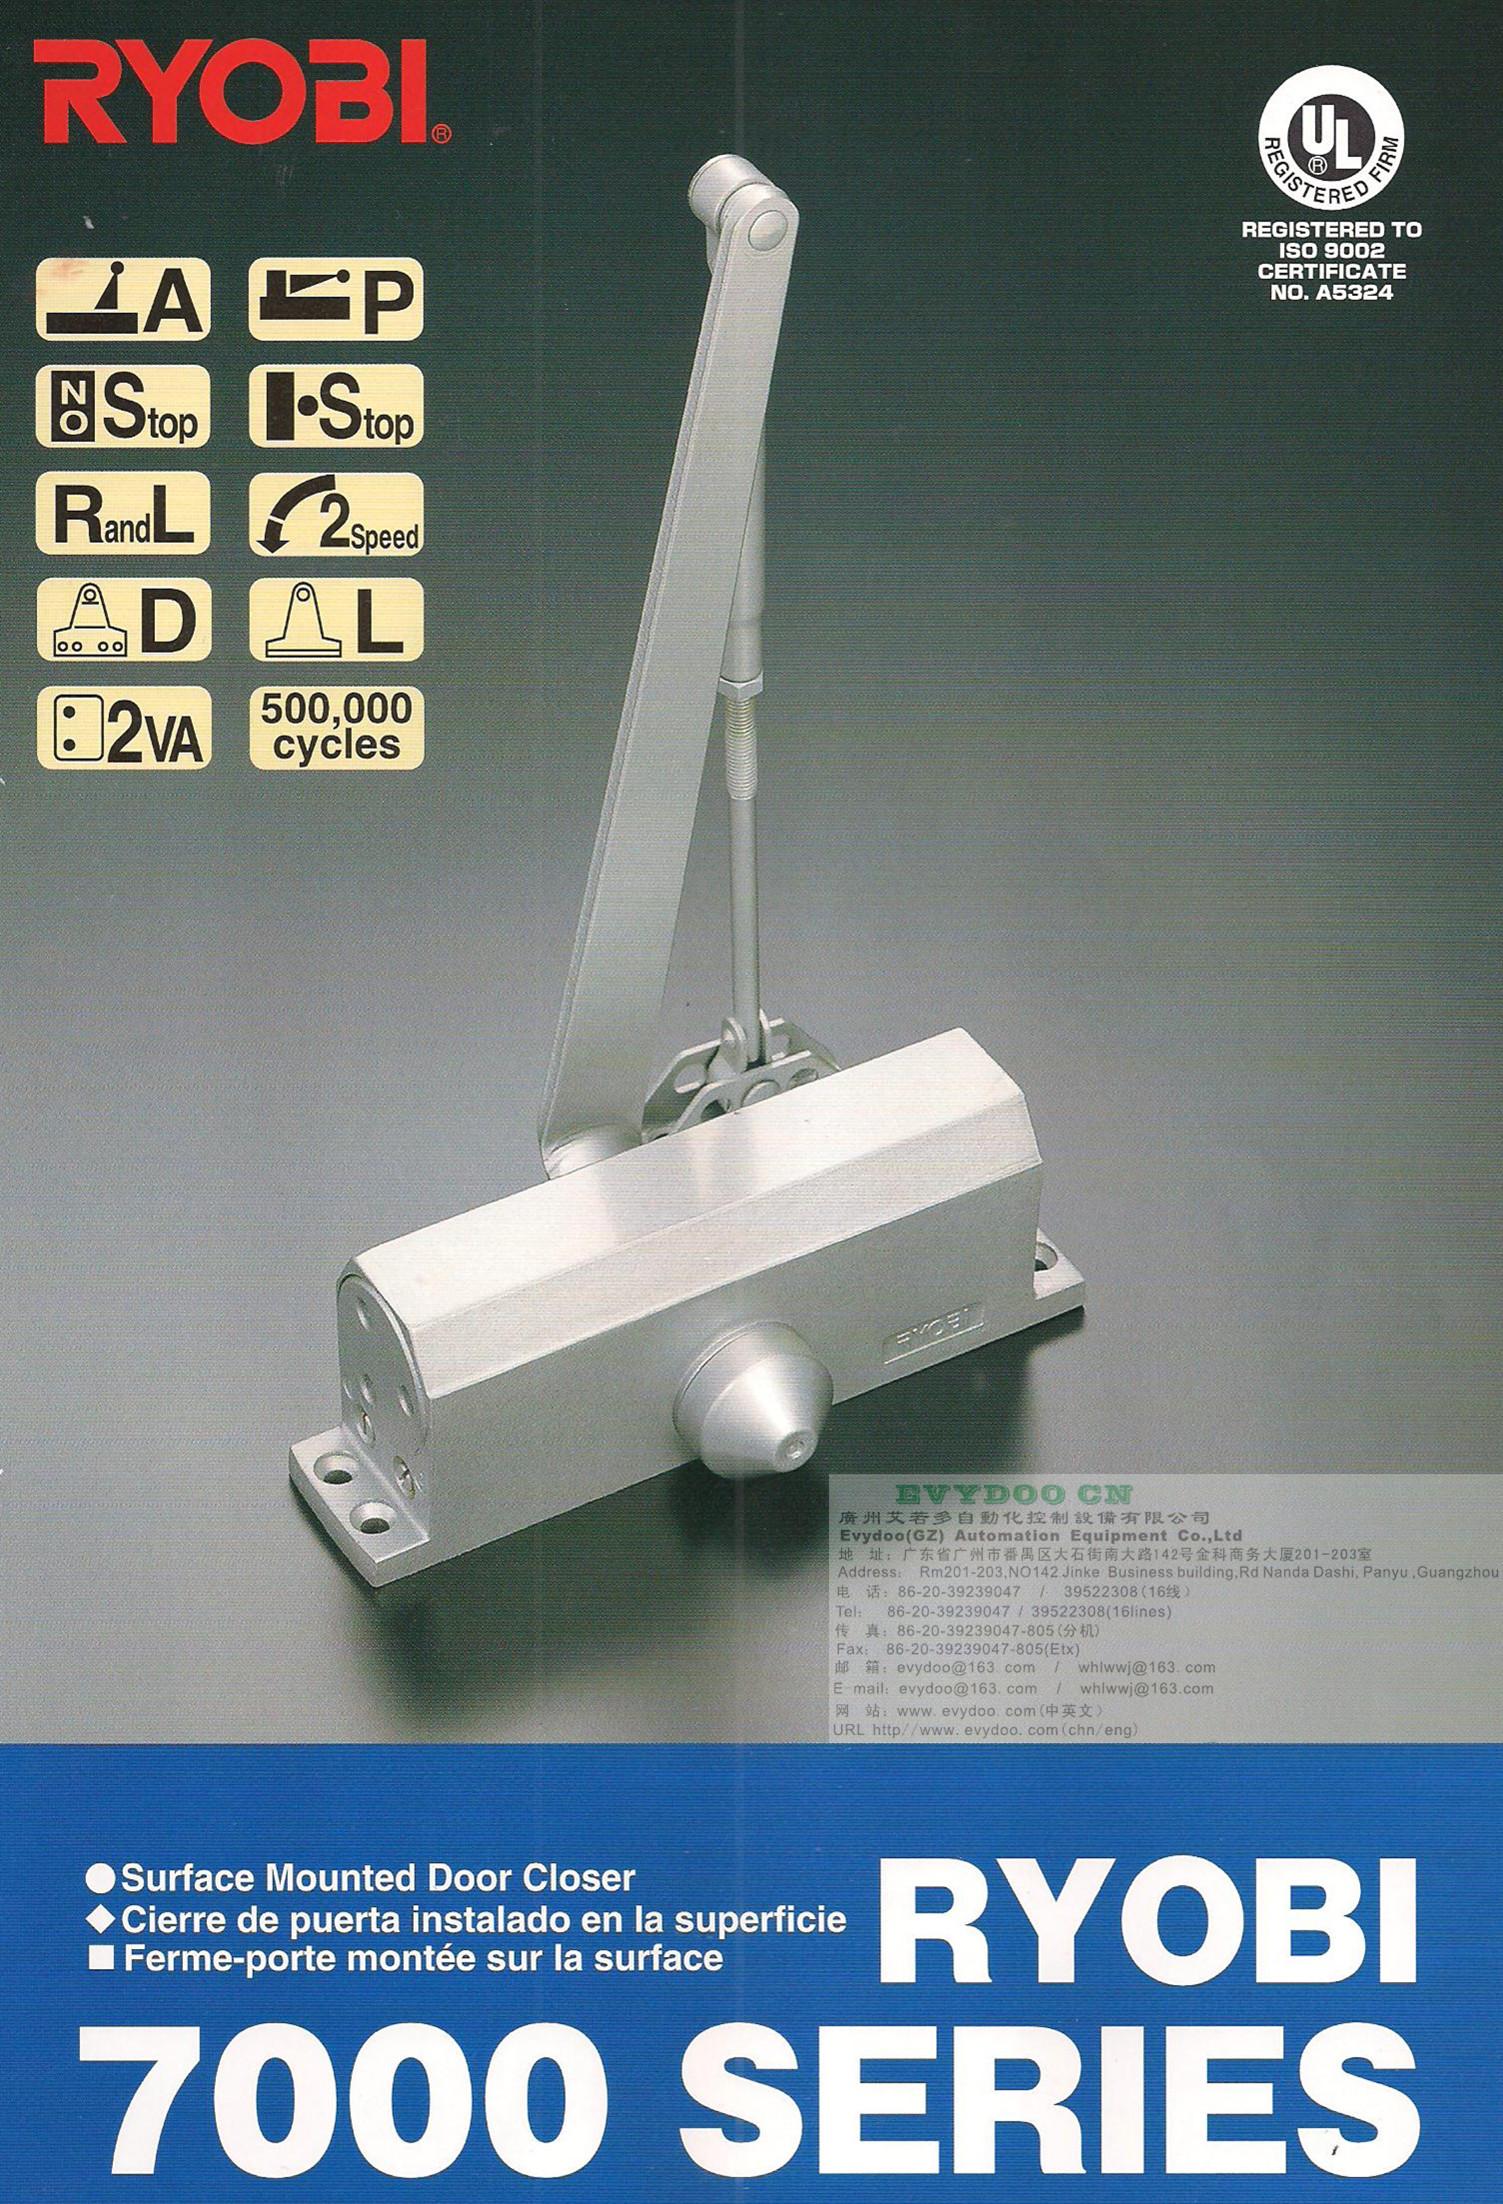 RYOBI闭门器-良明闭门器-进口闭门器-利优比闭门器-7002